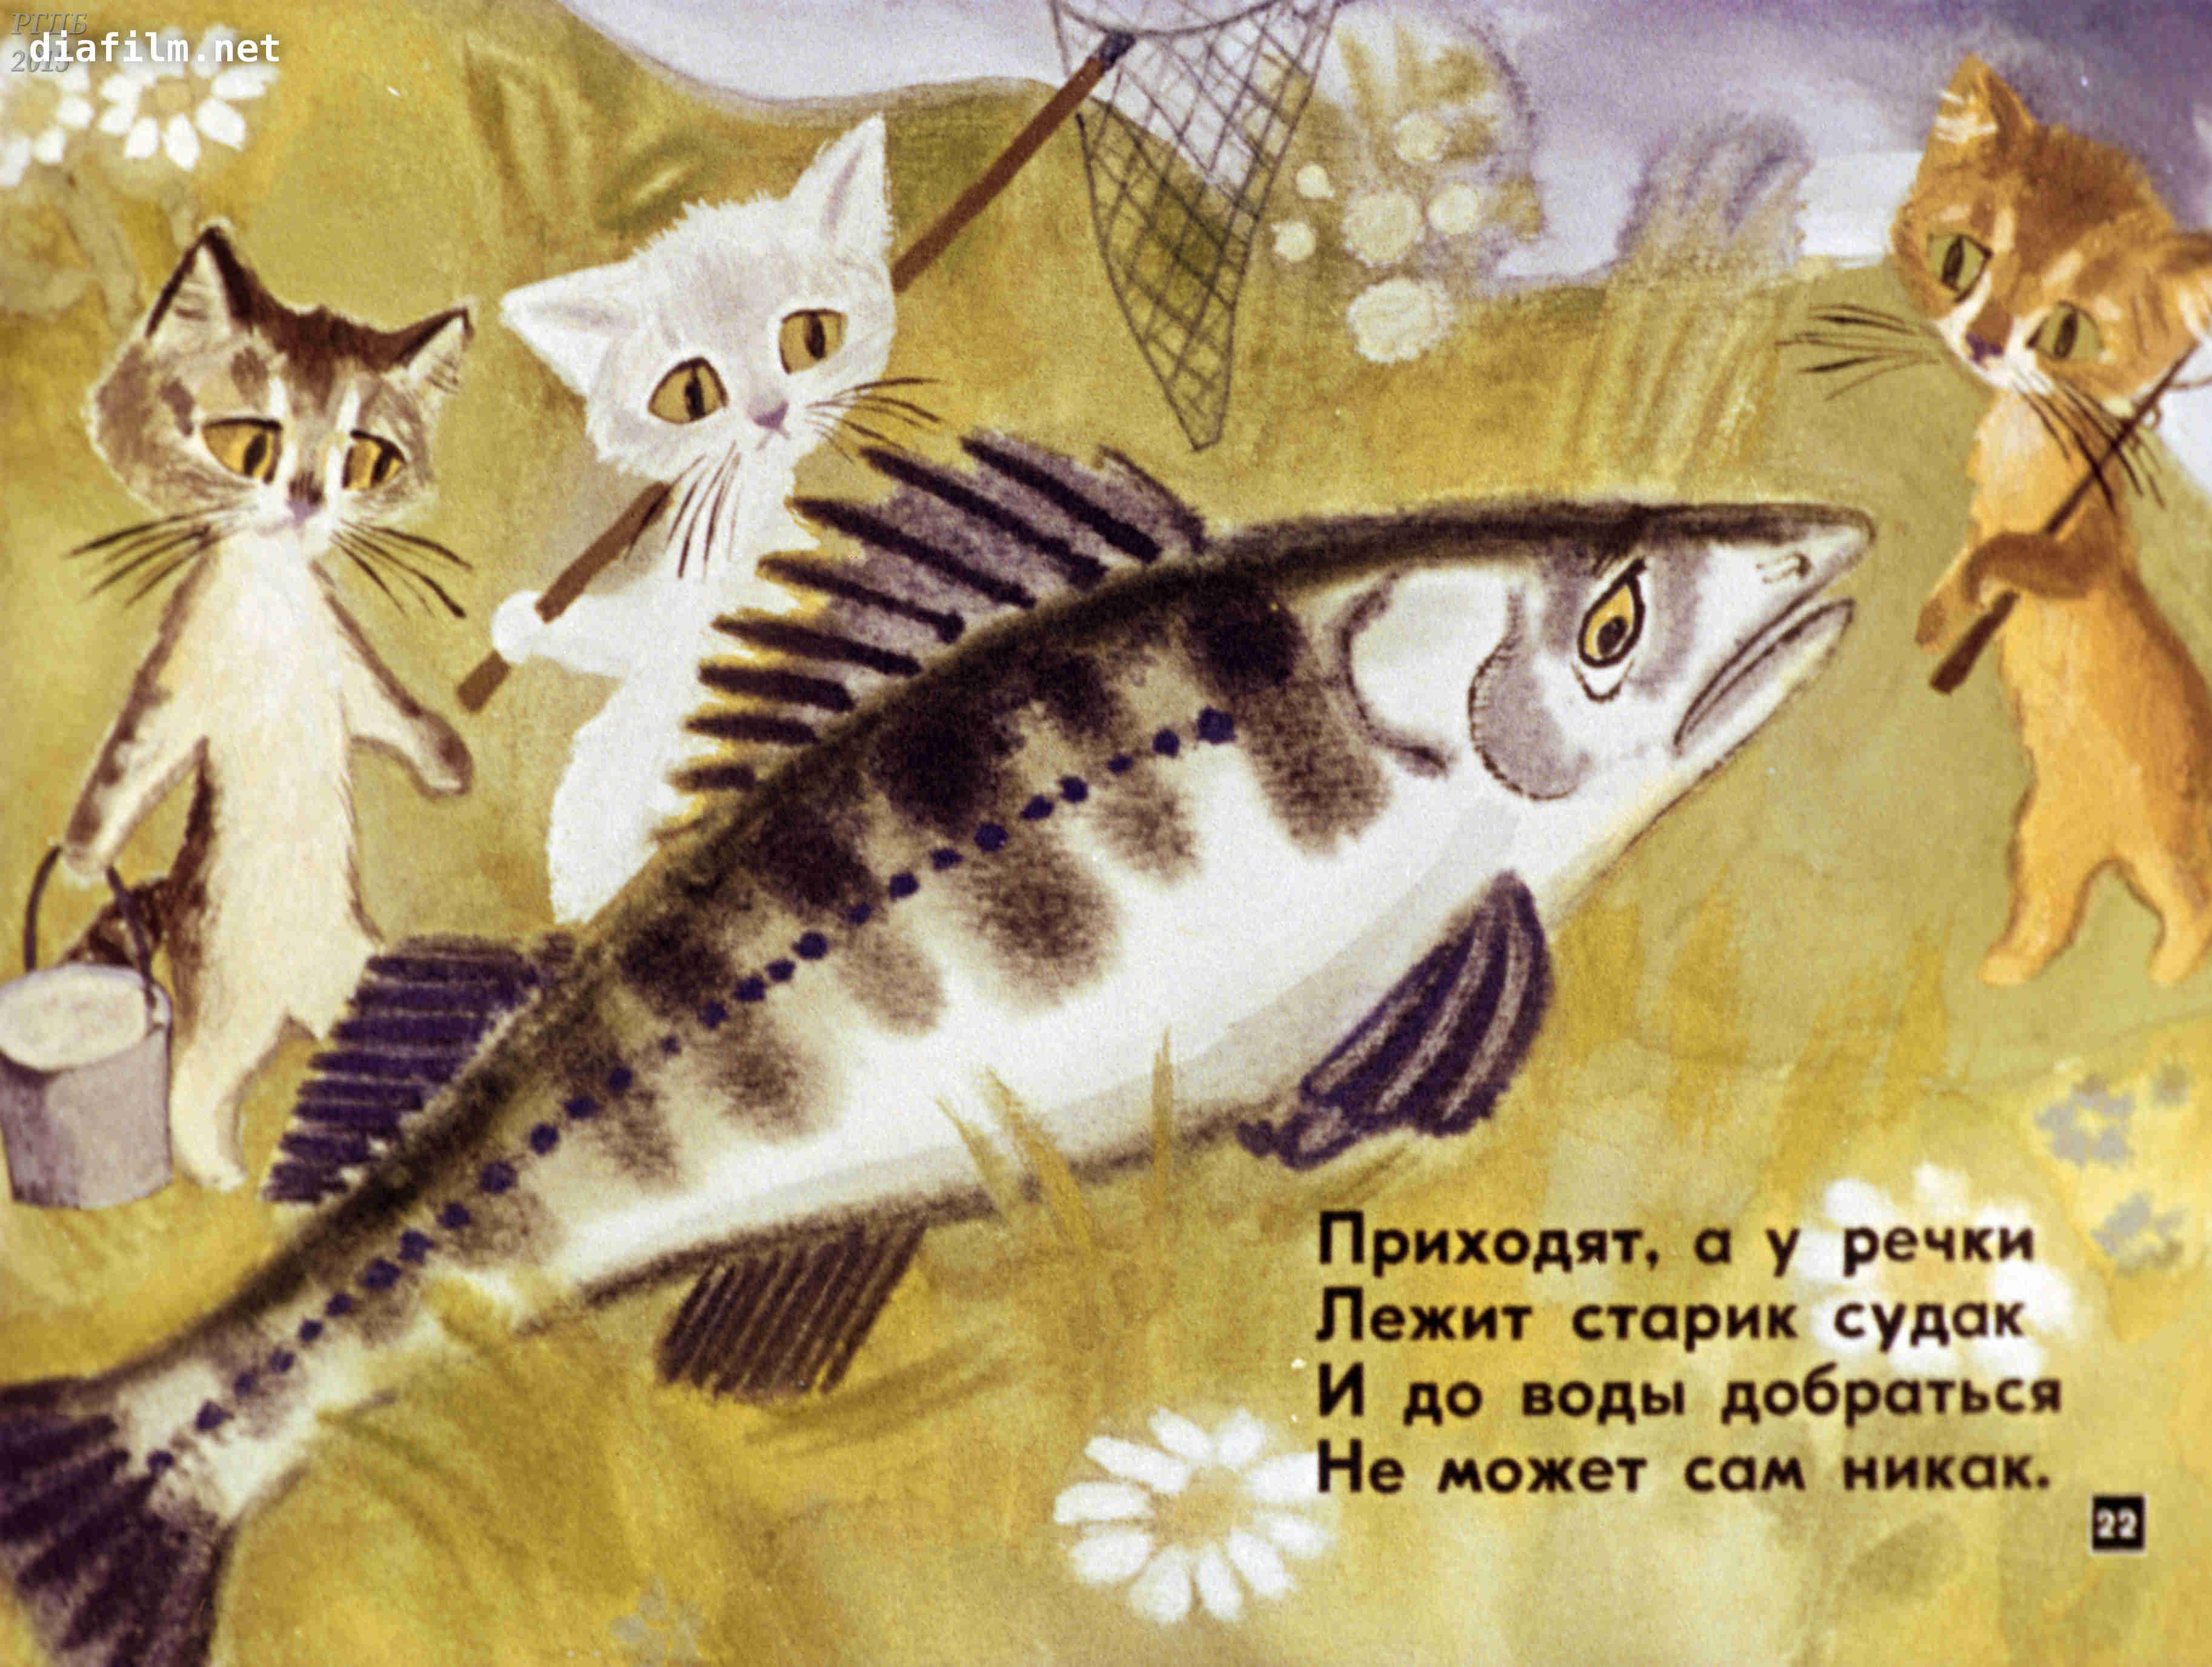 Котята токмакова читать с картинками, днем рождения открытках